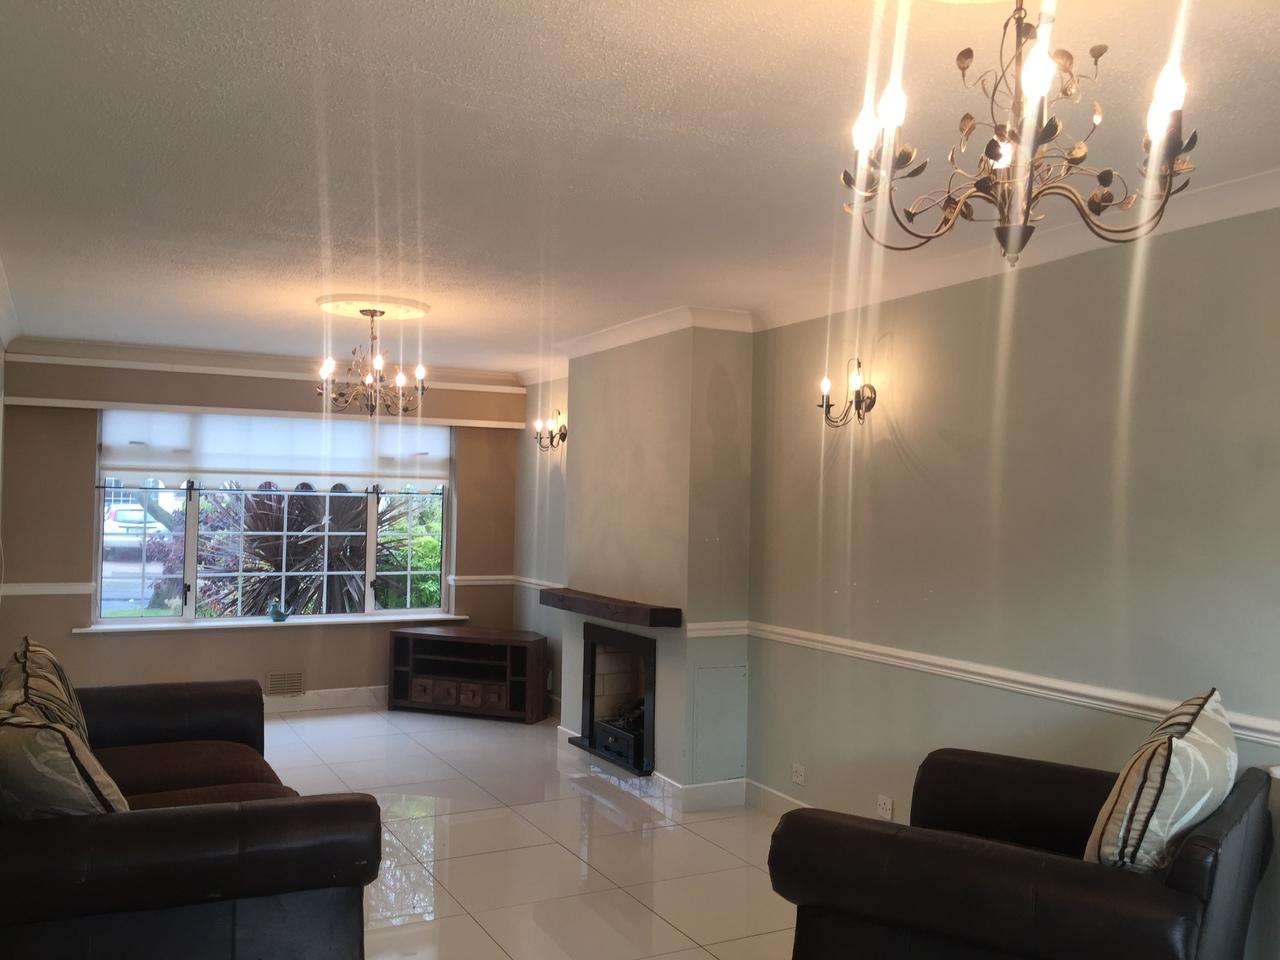 Rent Room In Leixlip